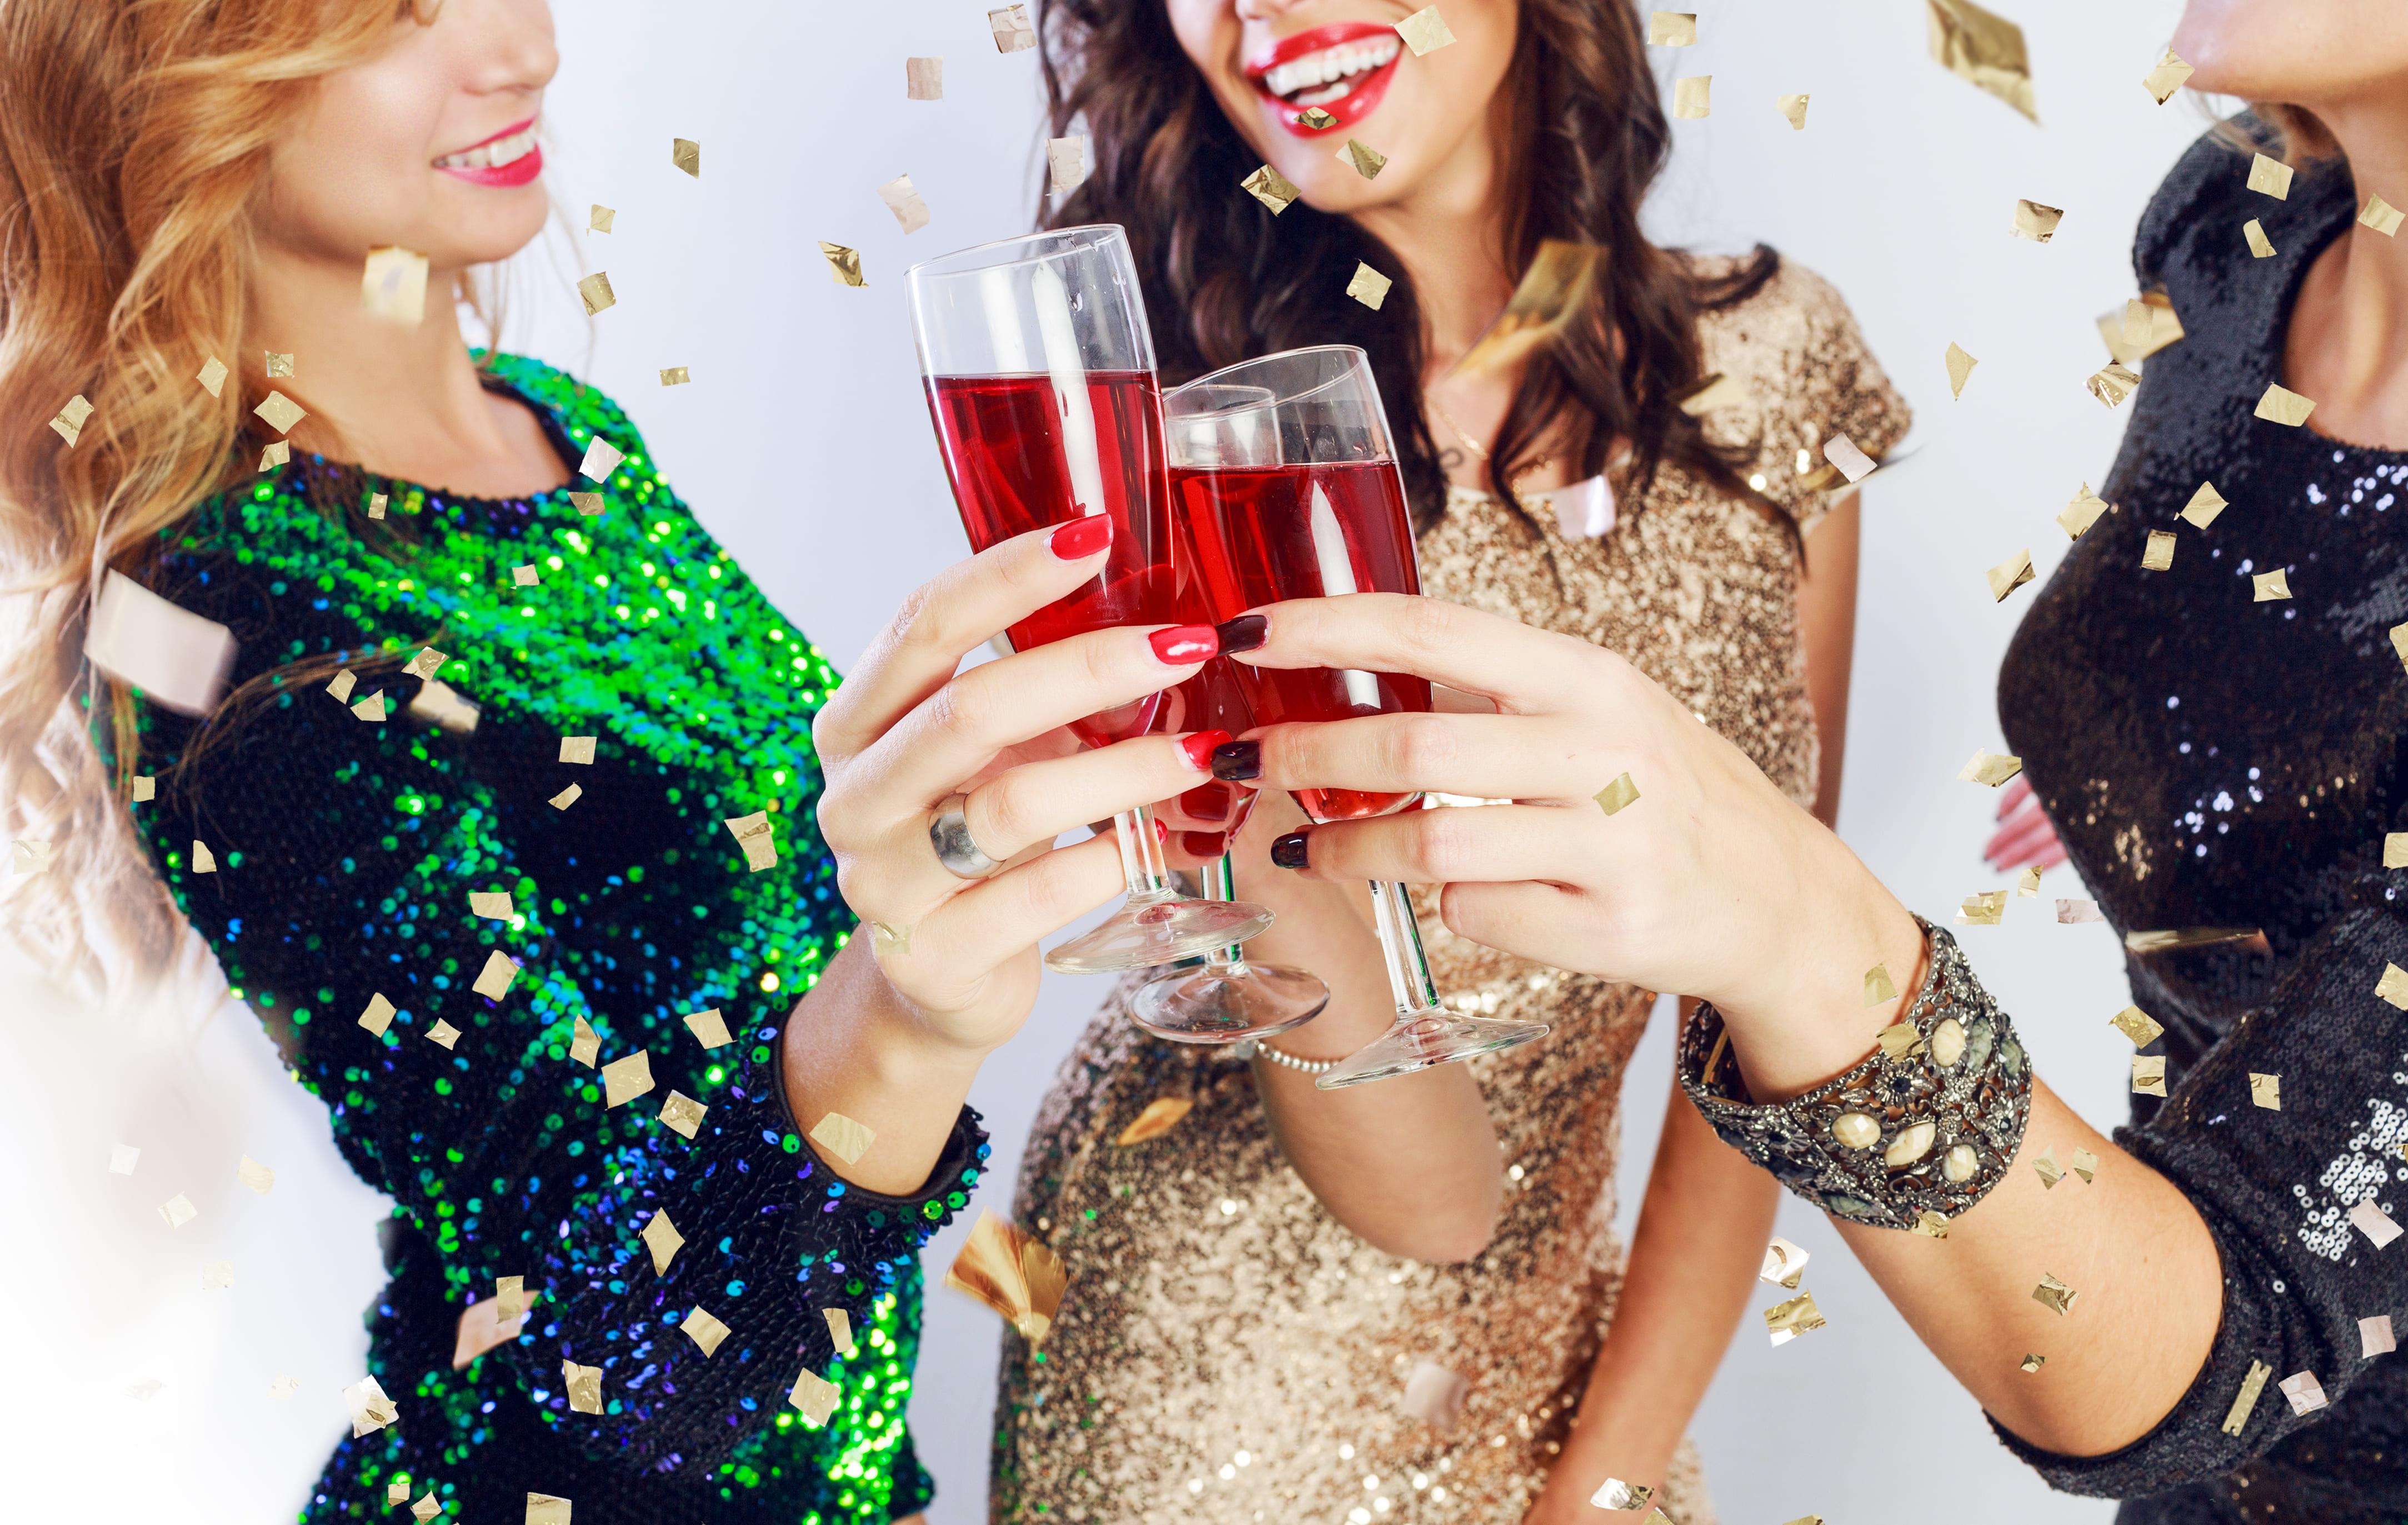 Imagem de 3 meninas que vão em uma festa para remeter ao texto para abrir um ateliê de vestidos de festa